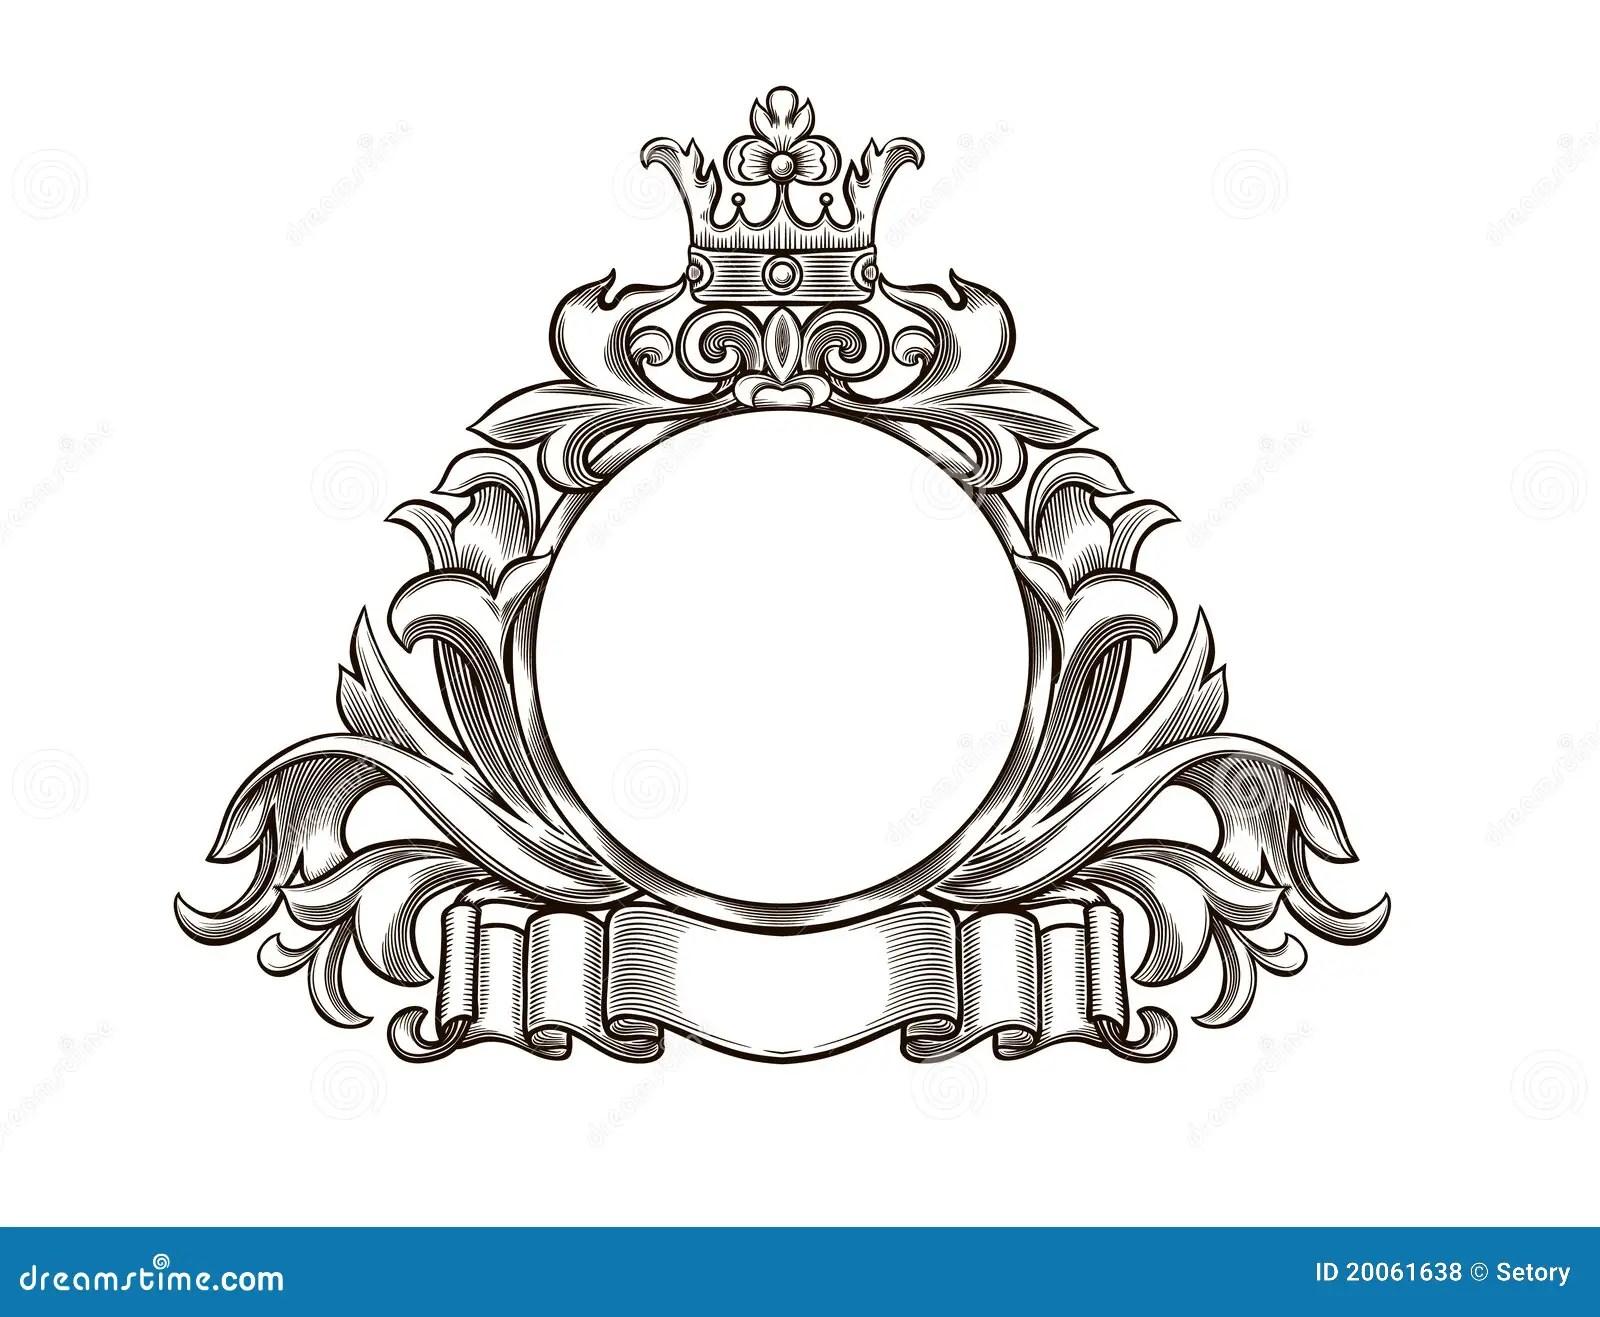 Emblema Preto E Branco Ilustracao Do Vetor Ilustracao De